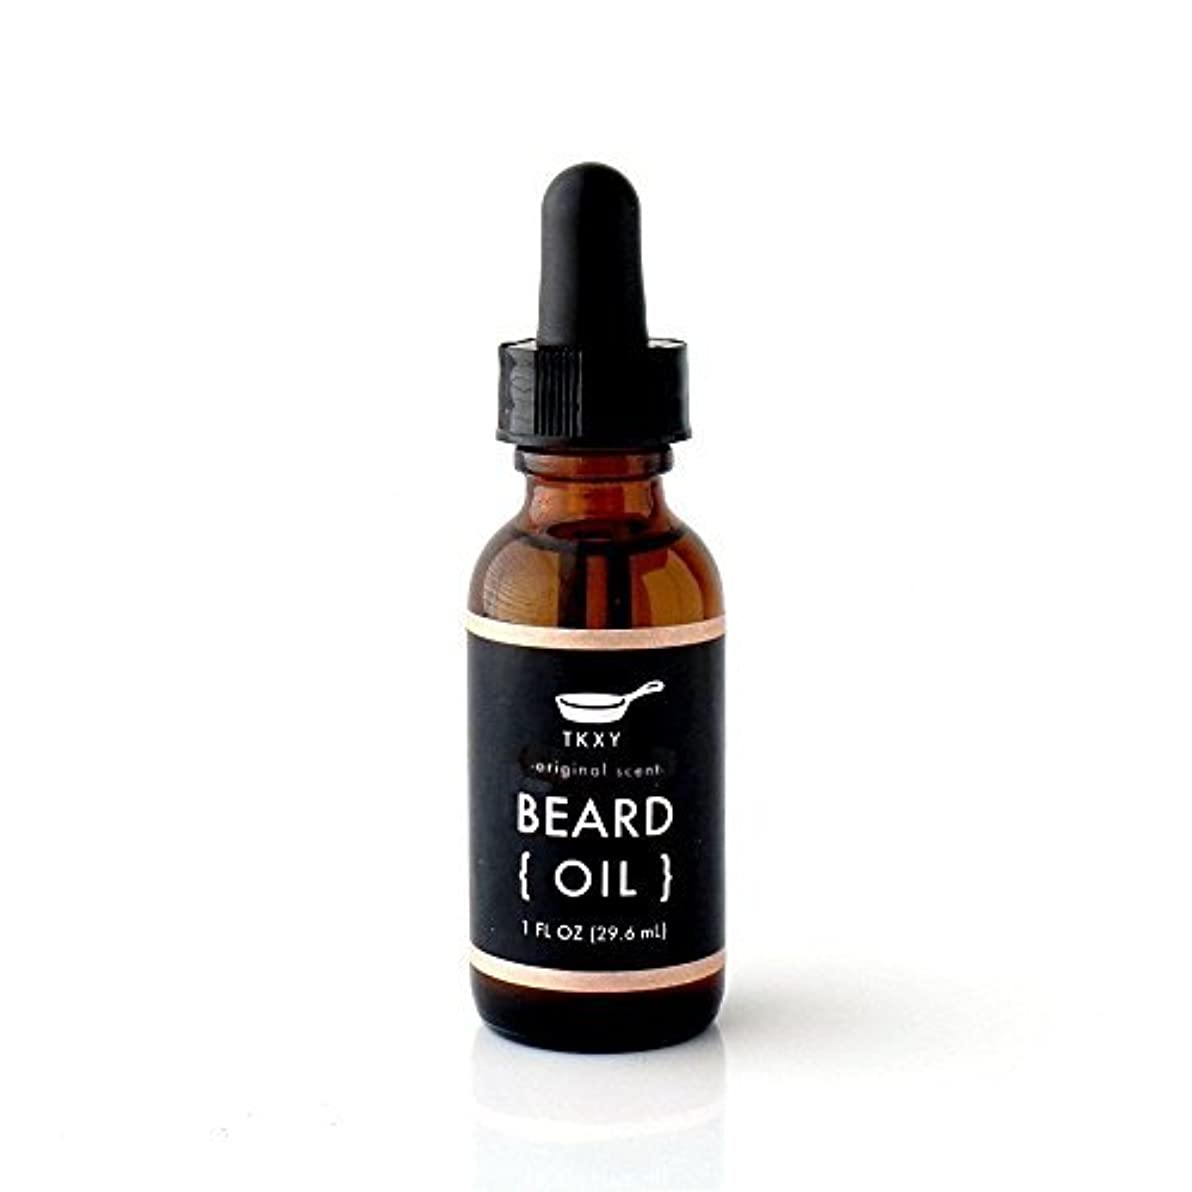 同一性アスレチックスパイOrganic Beard Oil - Original Scent (1 fl oz) [並行輸入品]